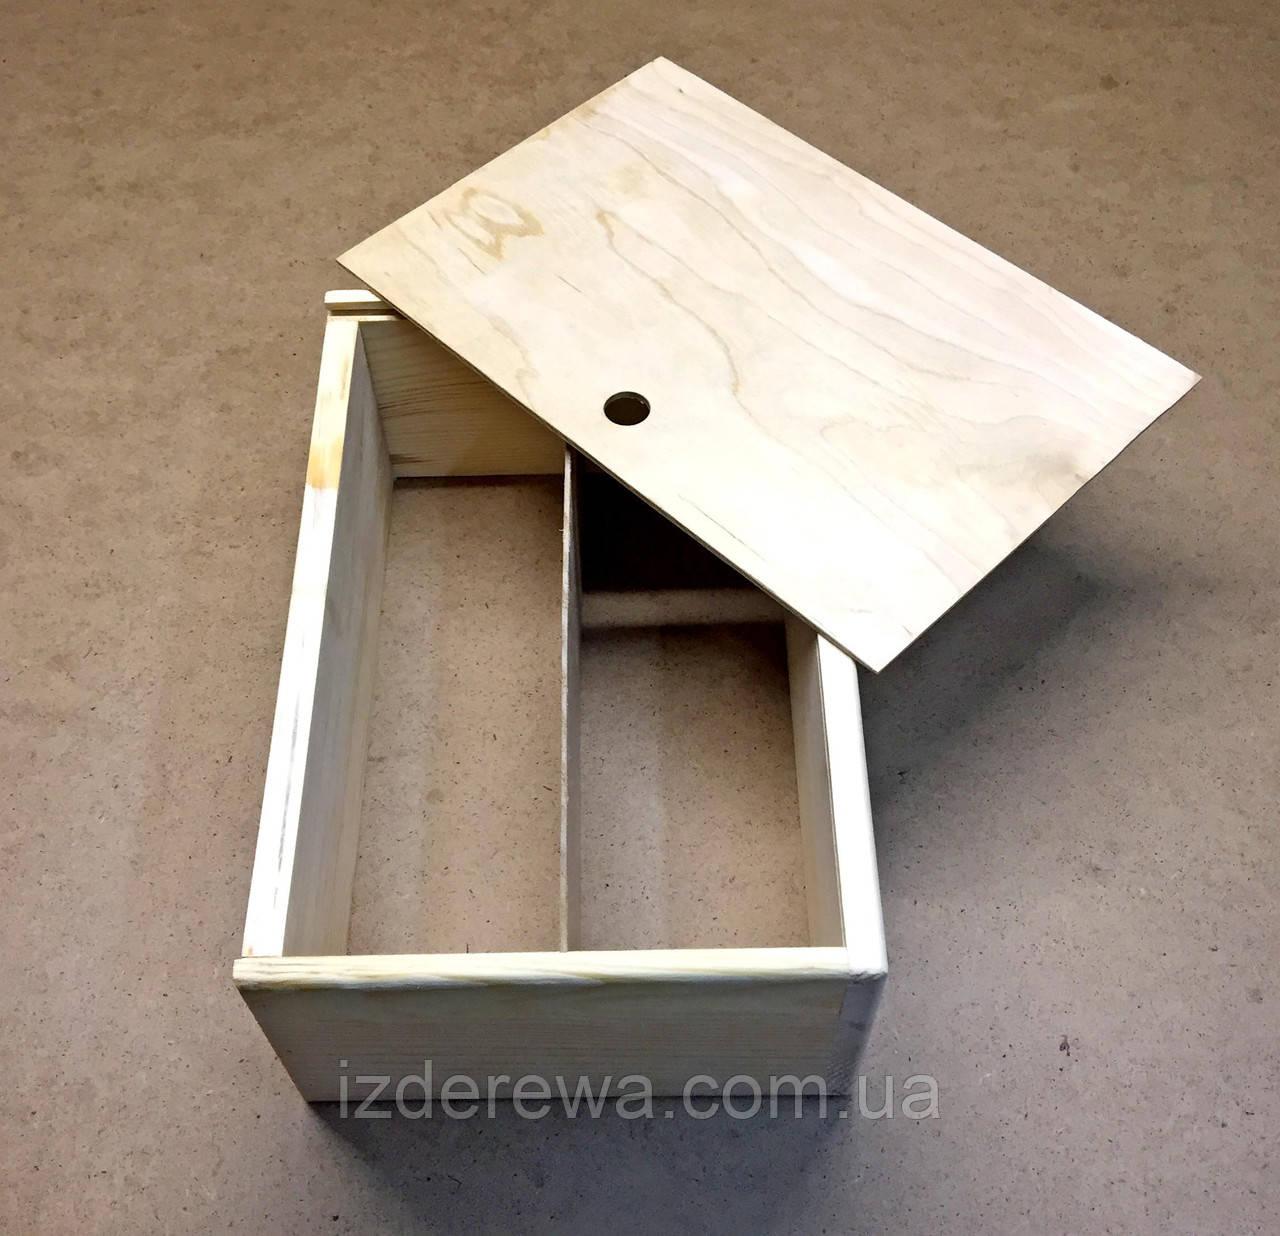 Подарочная коробка Ломбардия